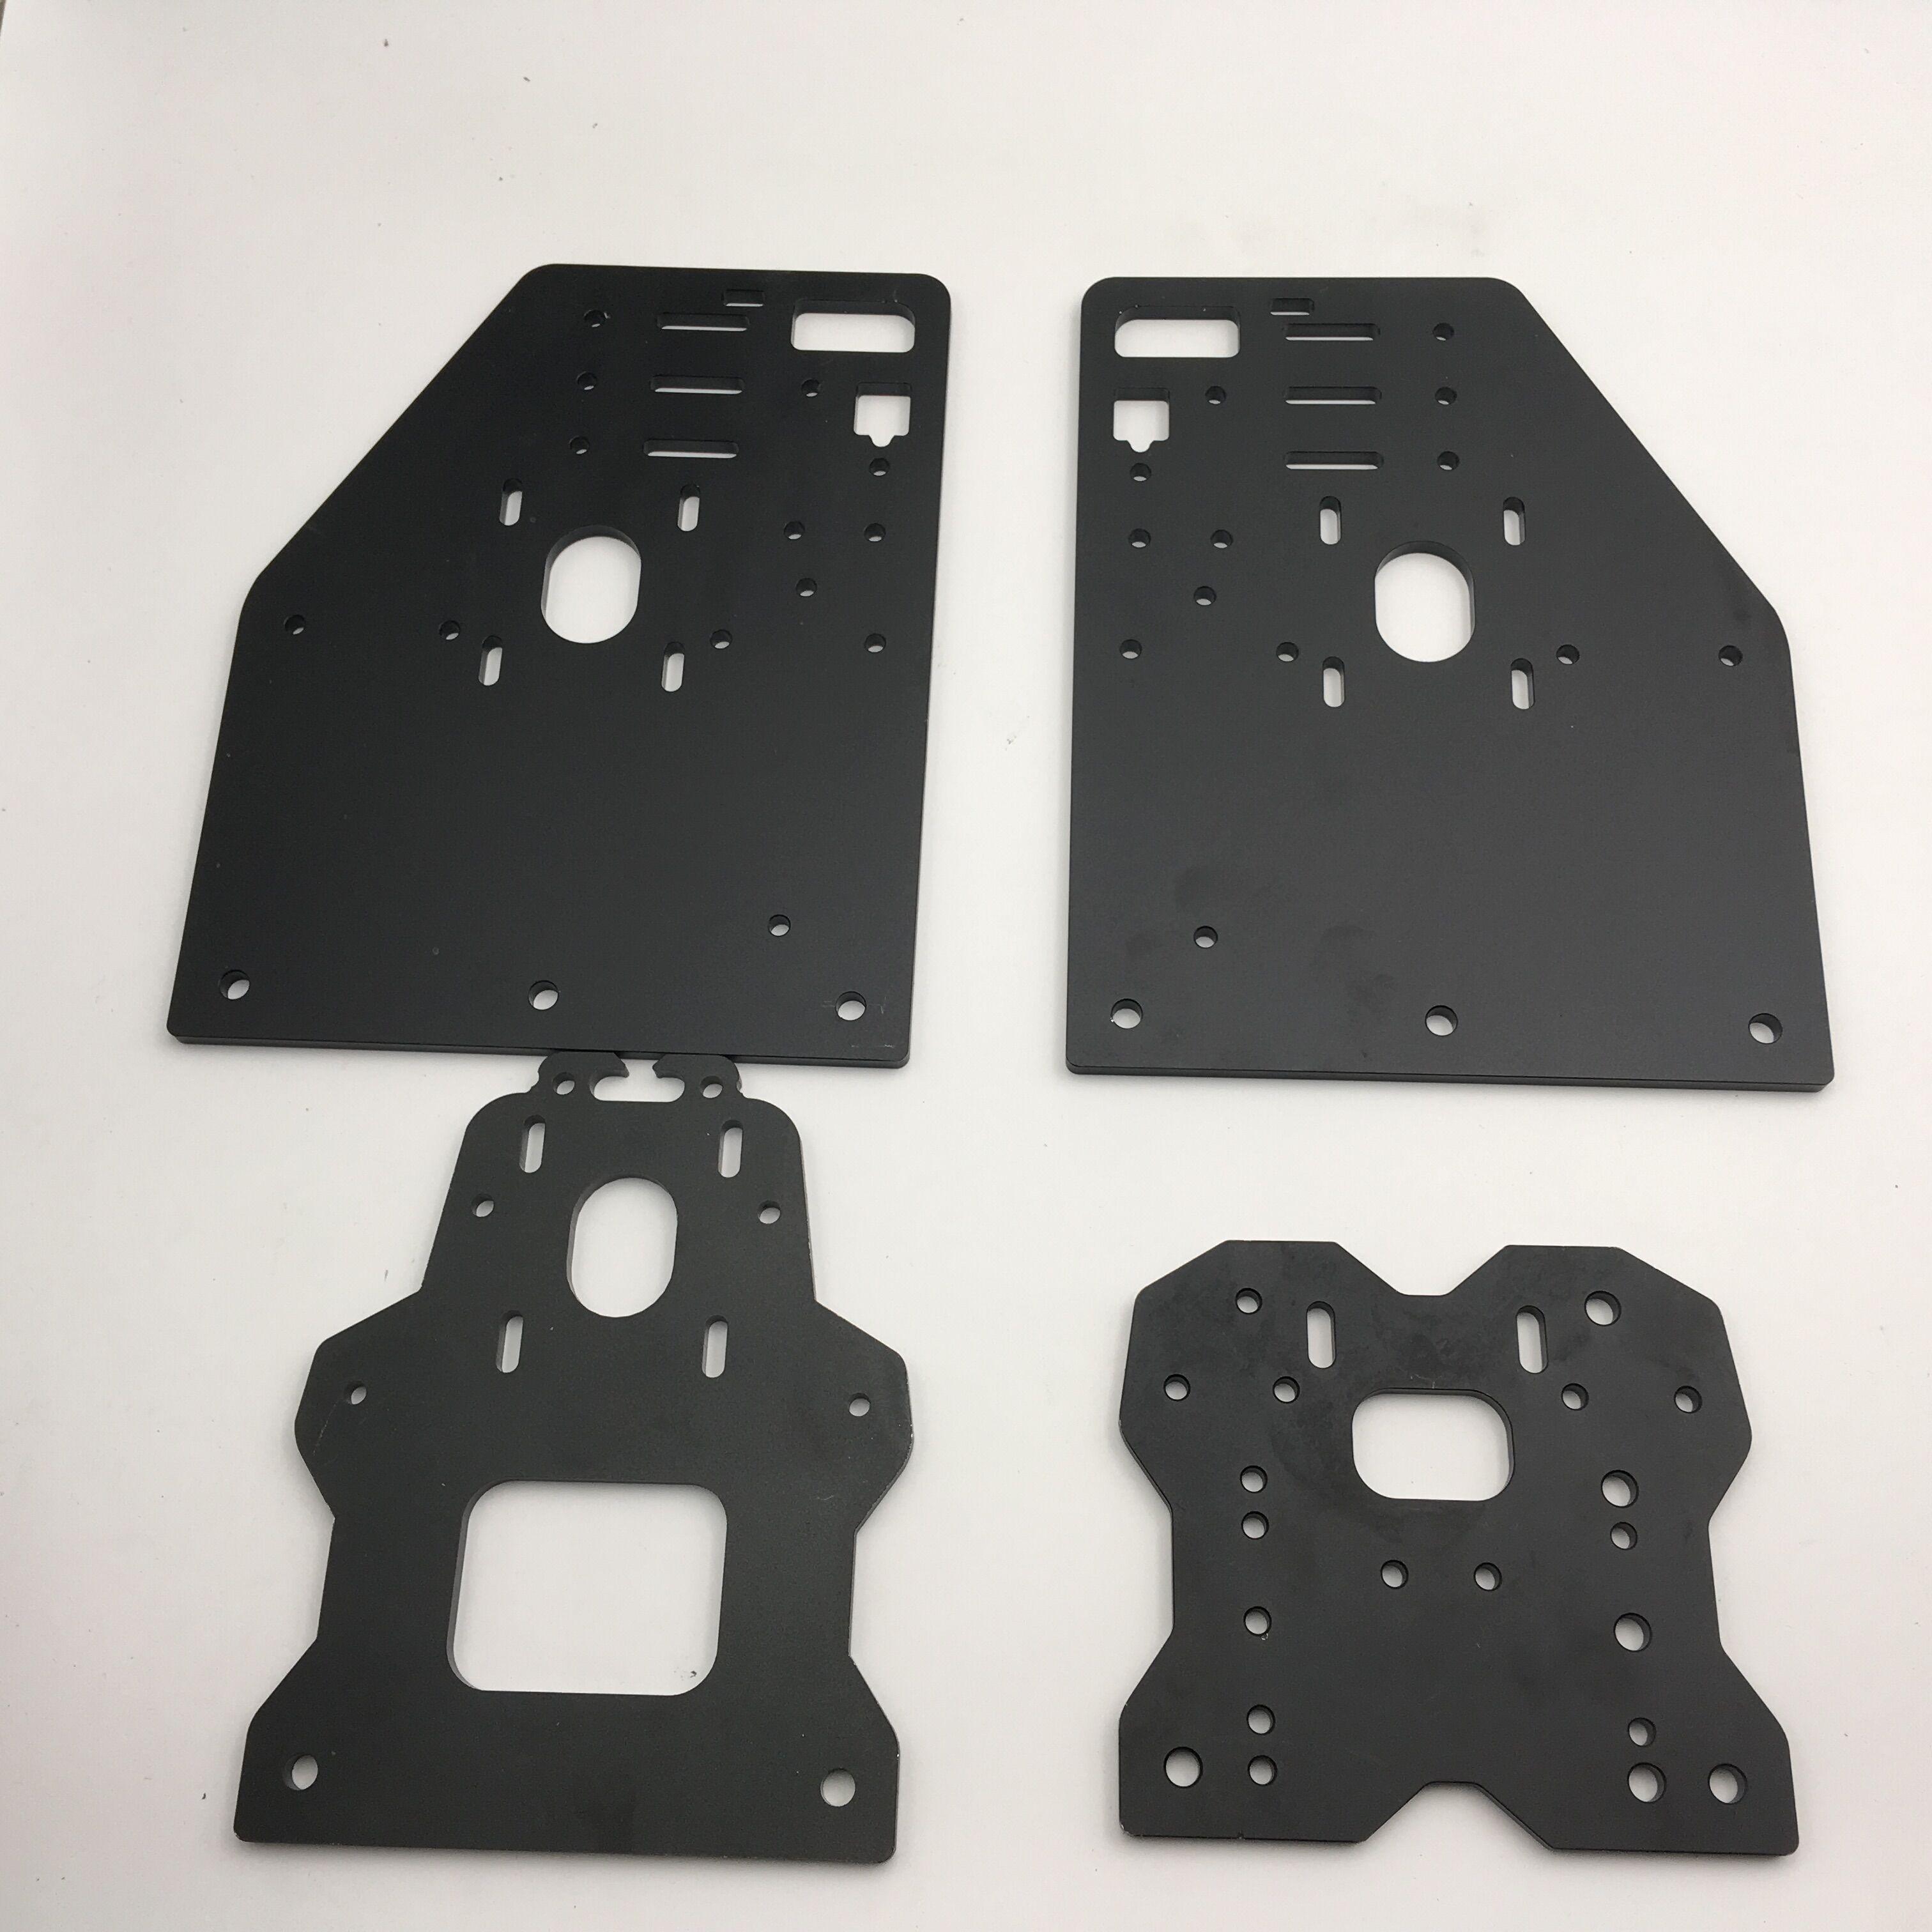 Kit de plaques en Aluminium Funssor OX CNC jeu de plaques de portique CNC OX openbuild KIT de routeur CNC v-slot